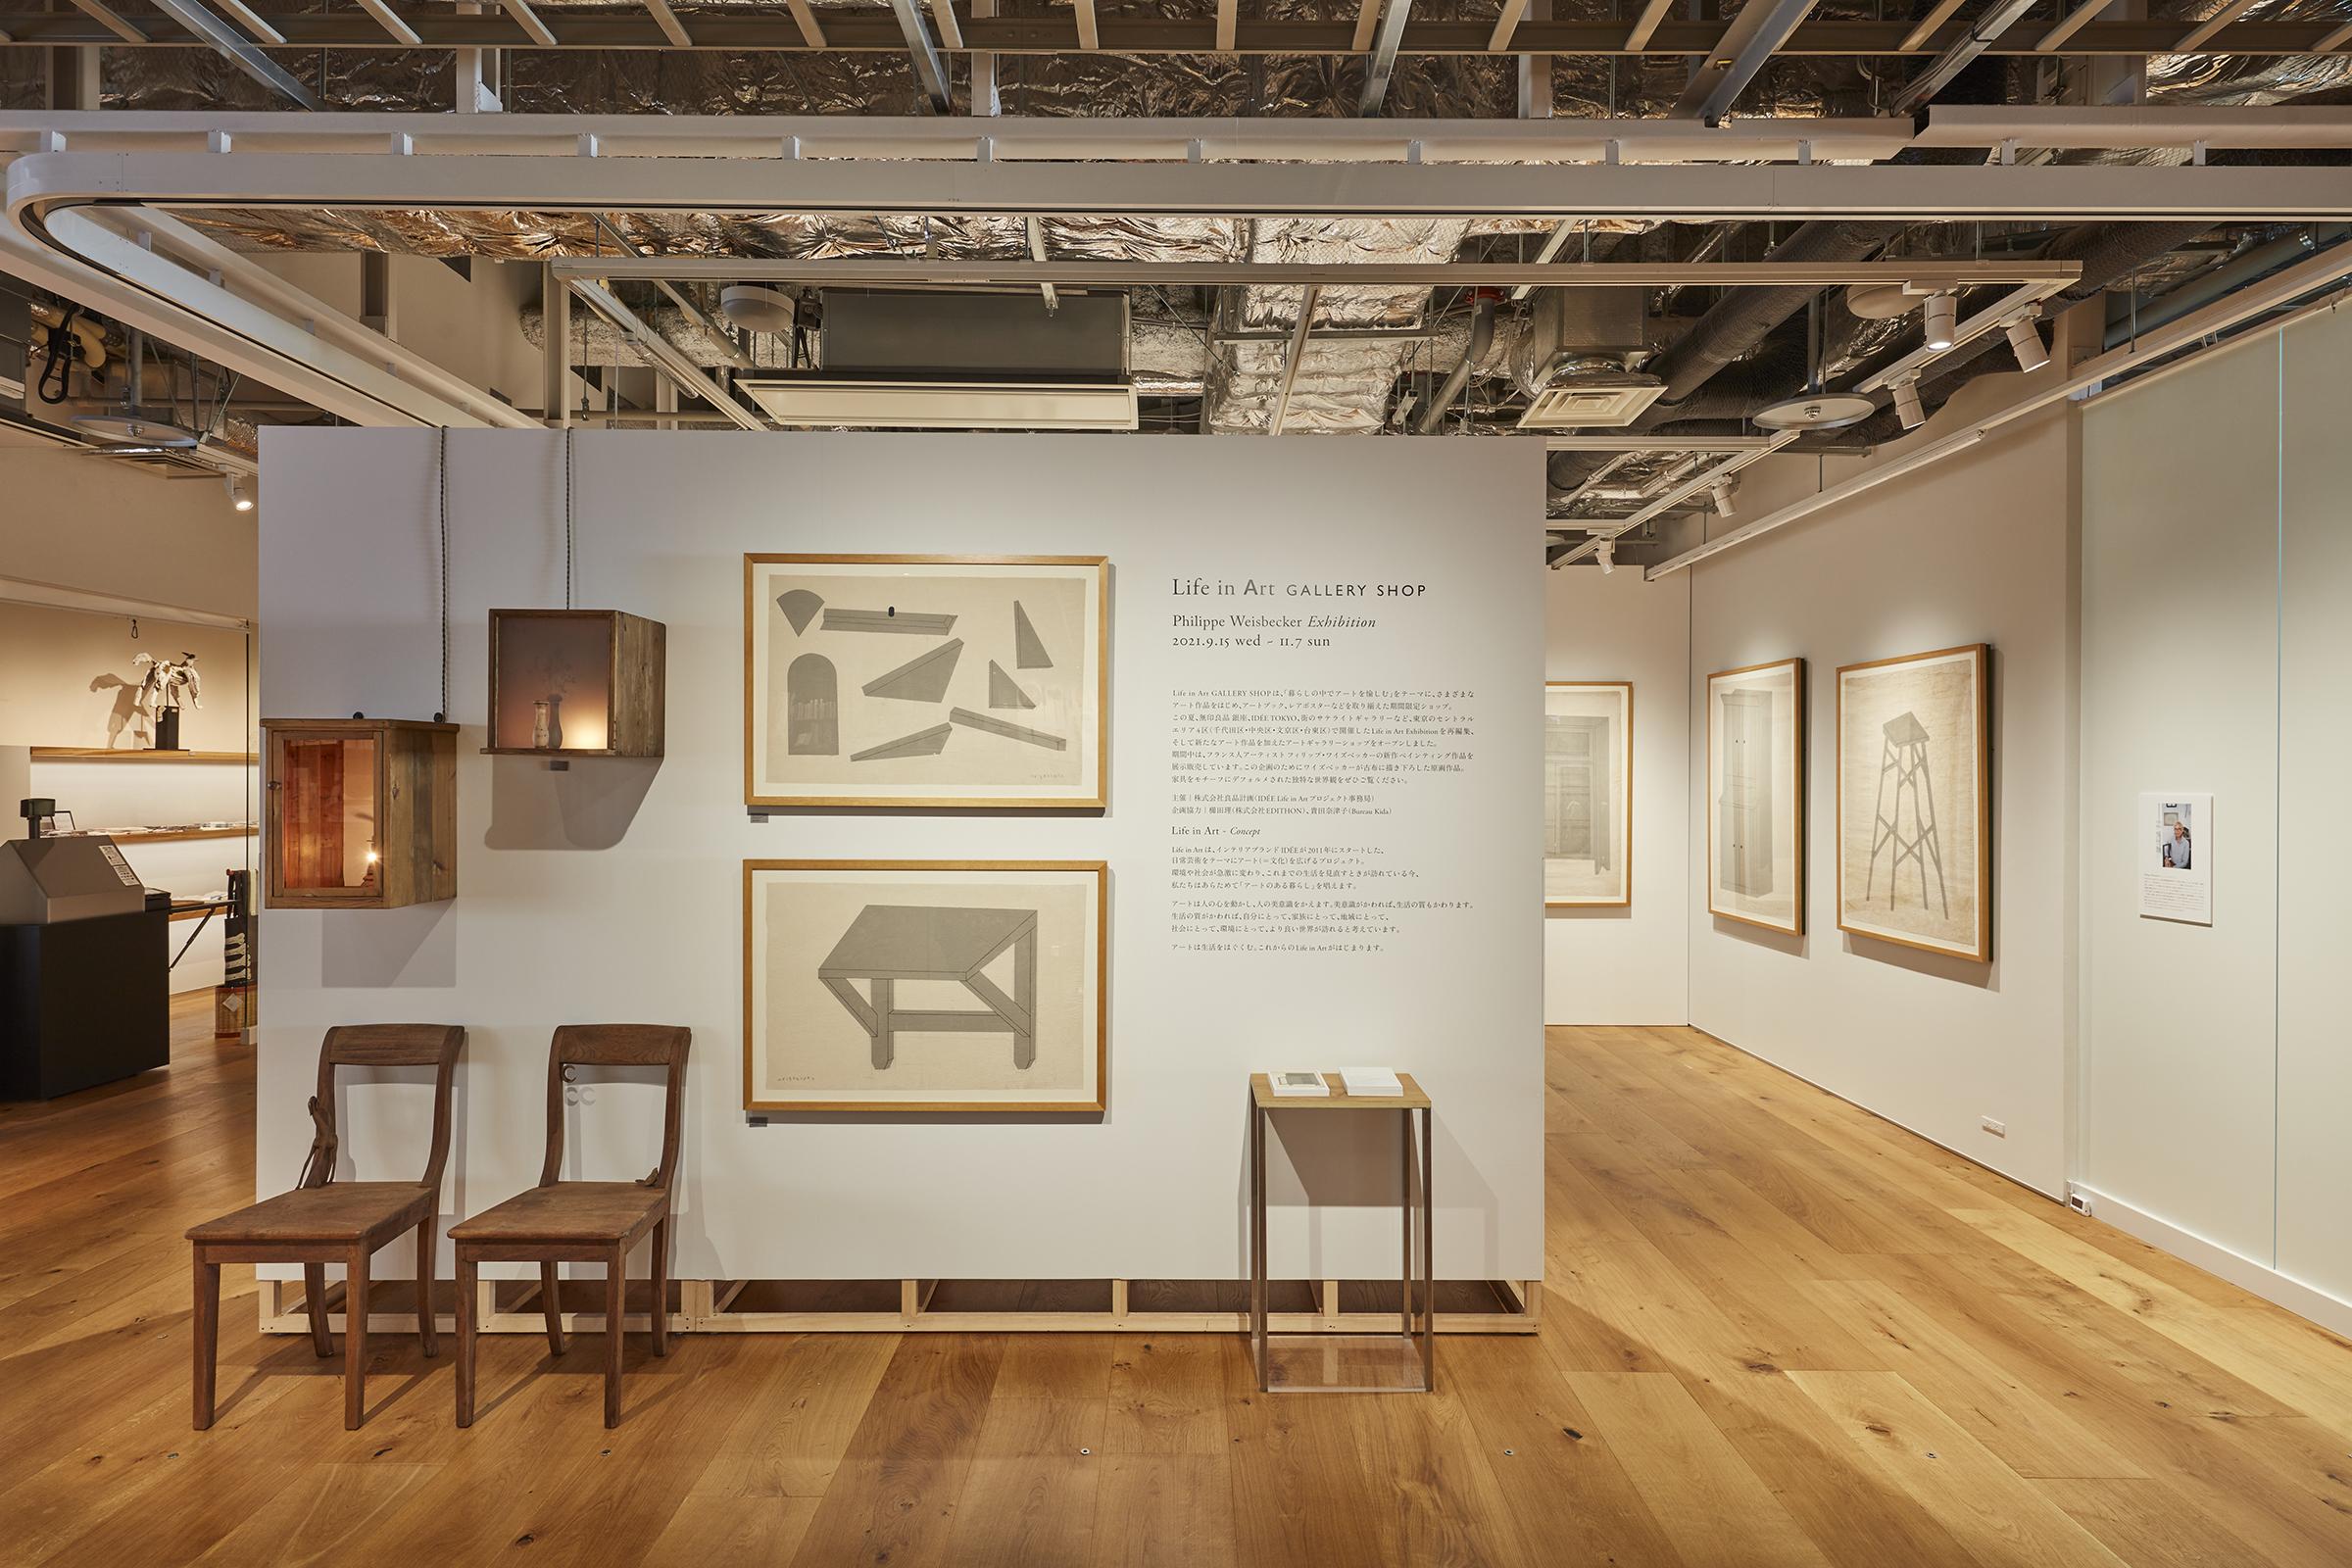 Life in Art Gallery Shop フィリップ・ワイズベッカー 新作ペインティング展